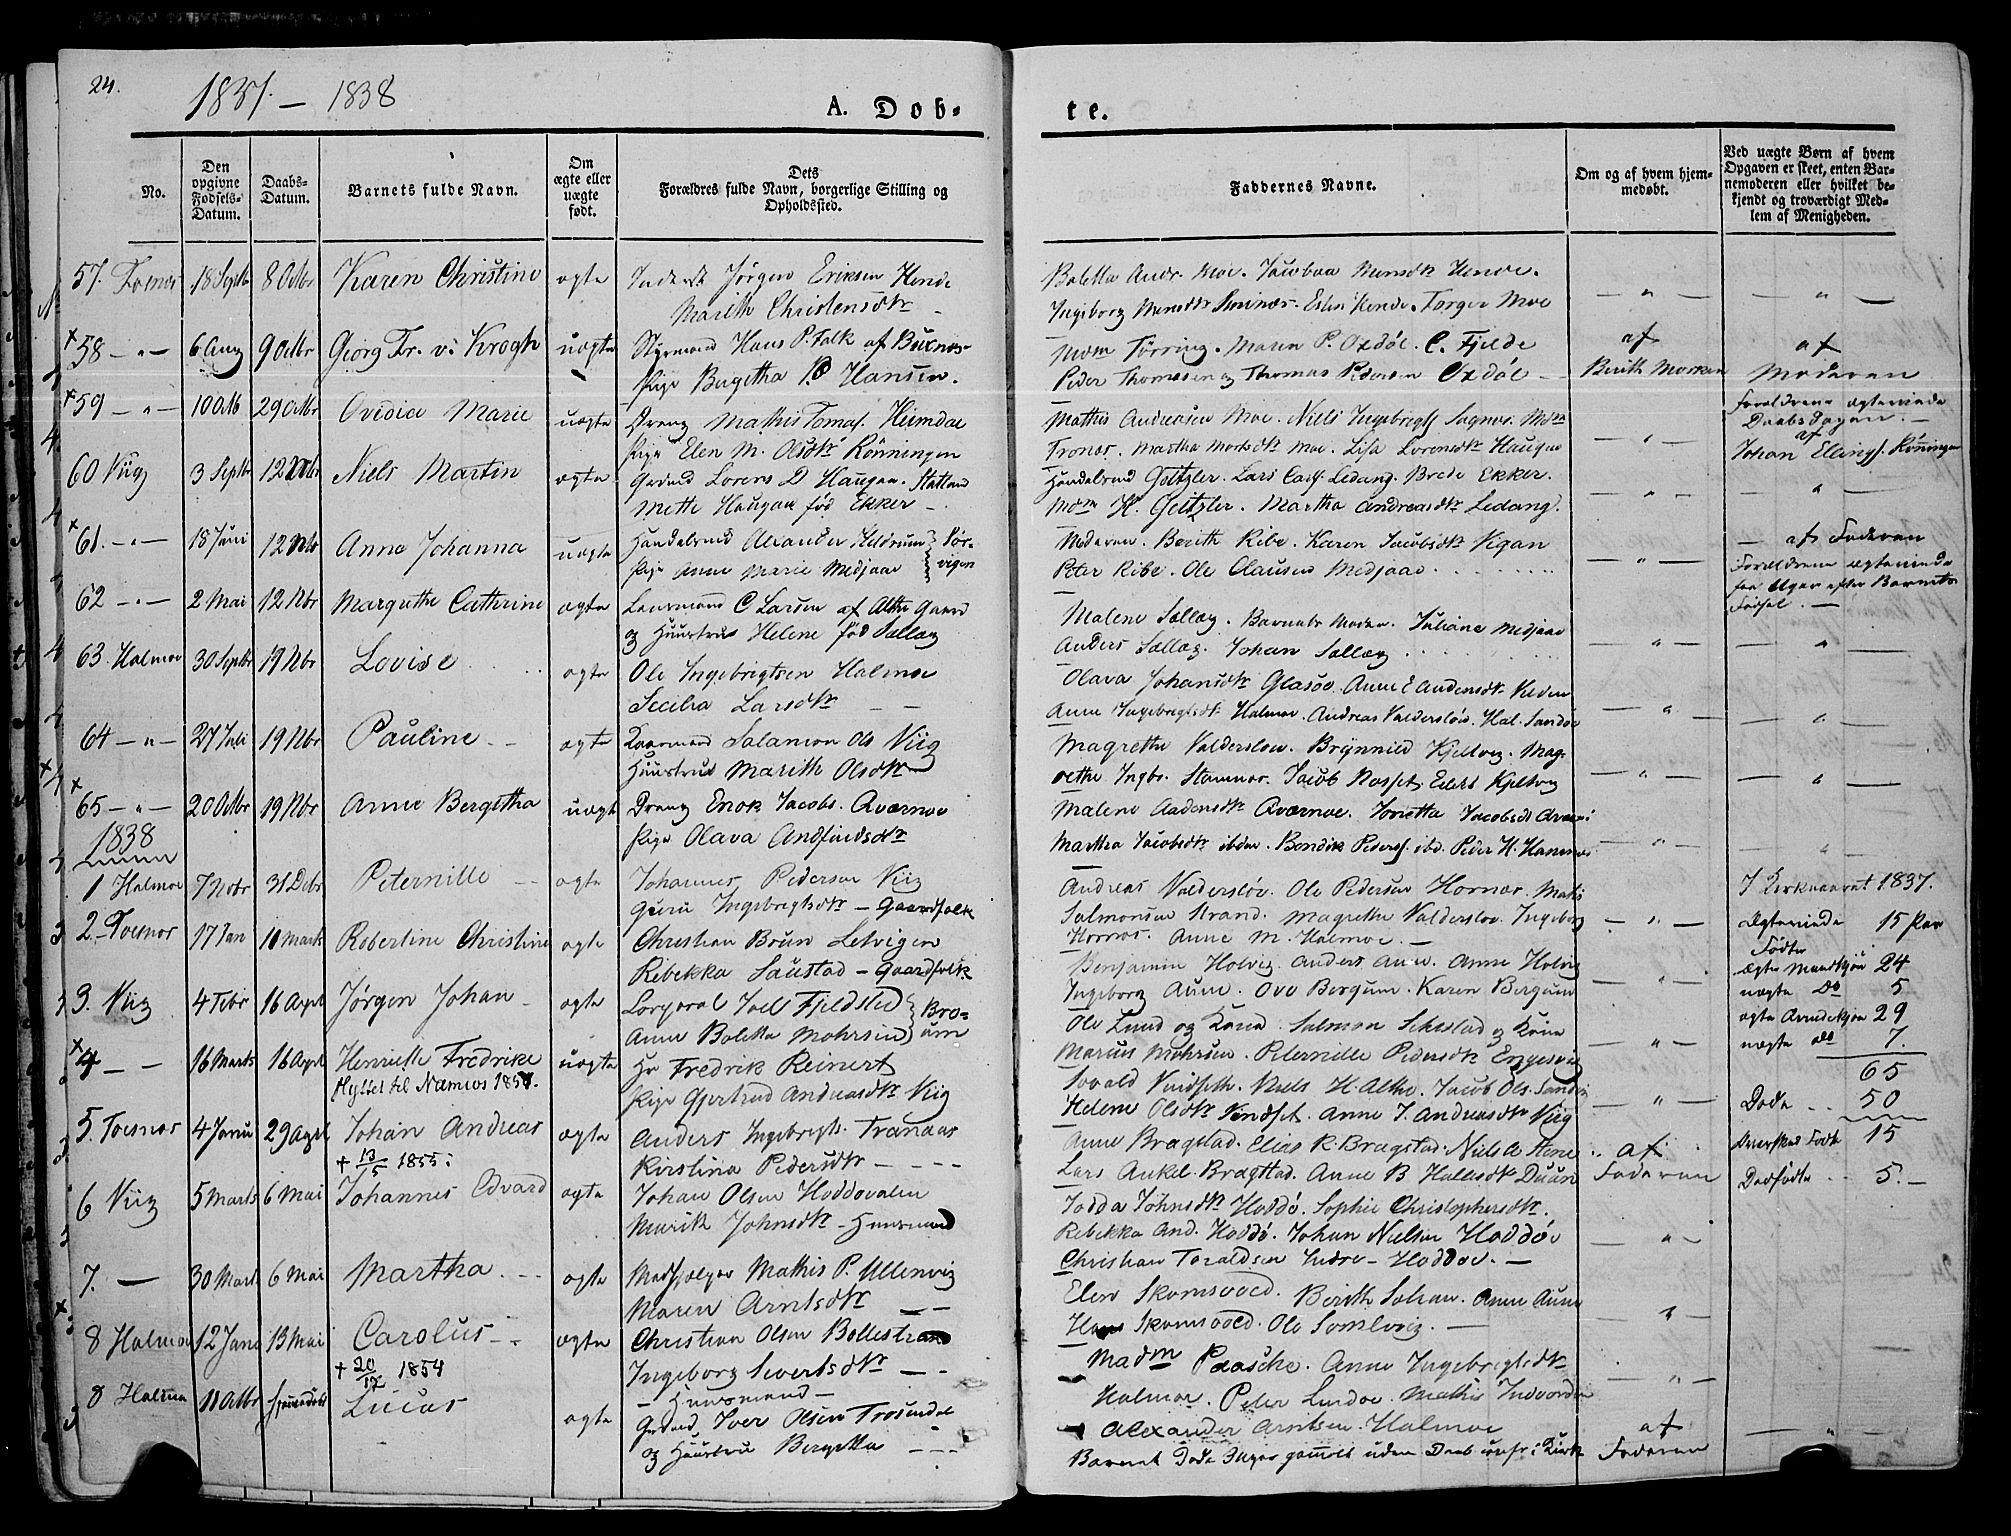 SAT, Ministerialprotokoller, klokkerbøker og fødselsregistre - Nord-Trøndelag, 773/L0614: Ministerialbok nr. 773A05, 1831-1856, s. 24